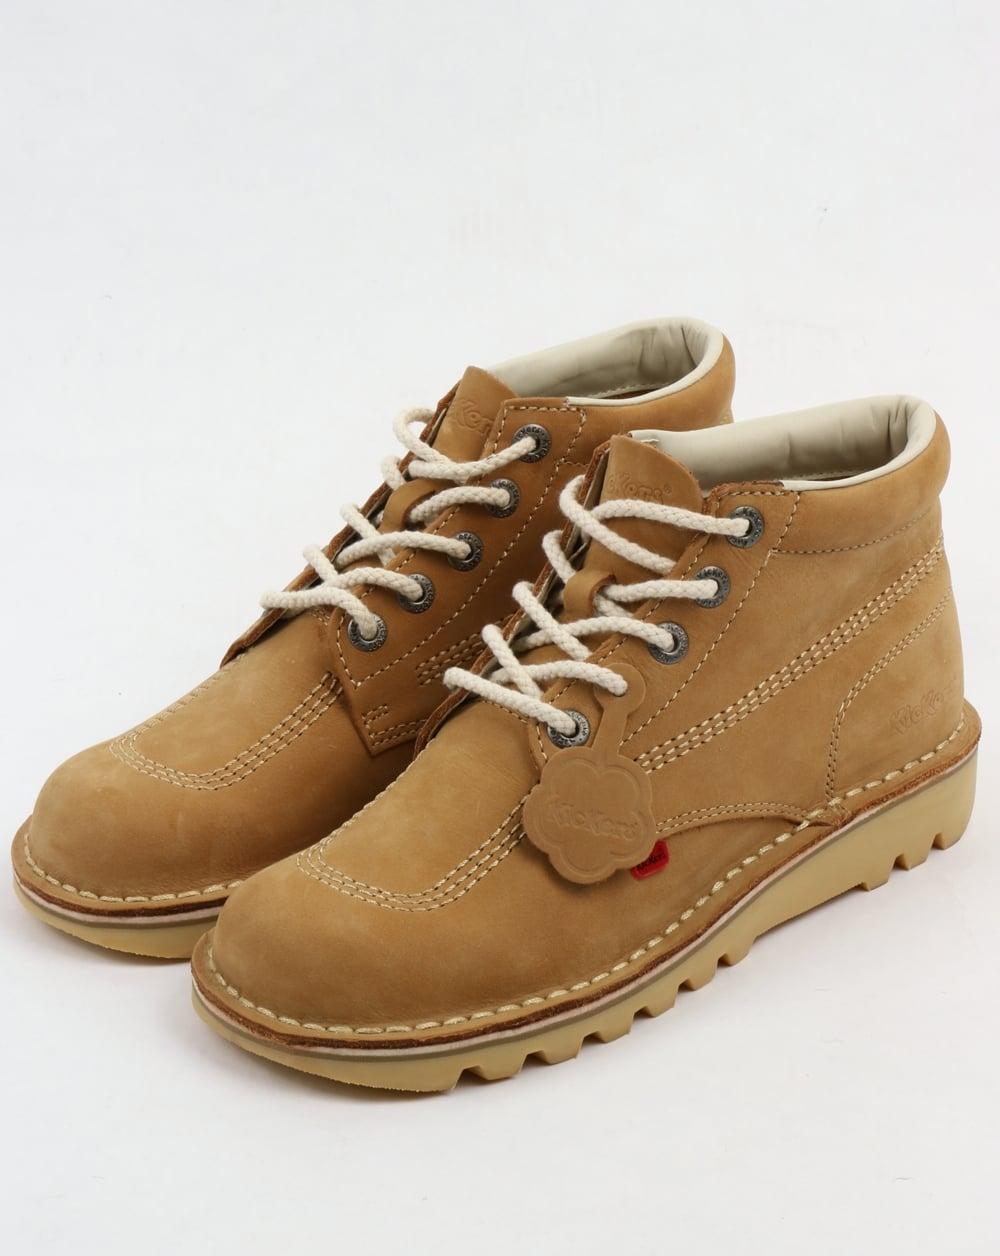 Kickers Kick Hi Boots nubuck tan